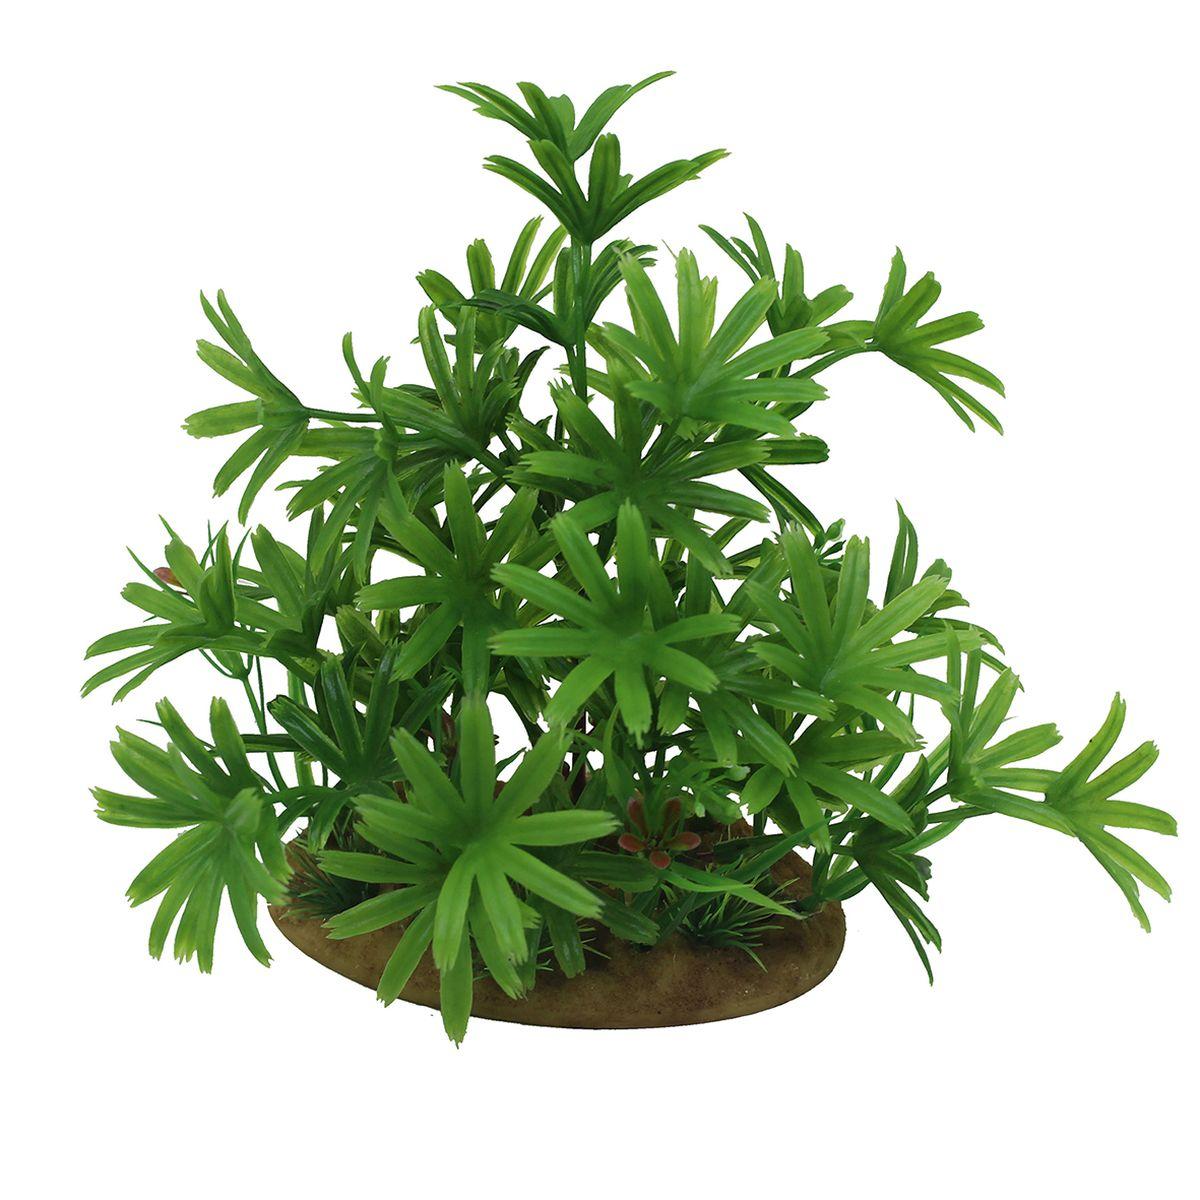 Растение для аквариума ArtUniq Бамбуза зеленая, высота 15 смART-1160107Растение для аквариума ArtUniq Бамбуза зеленая, высота 15 см